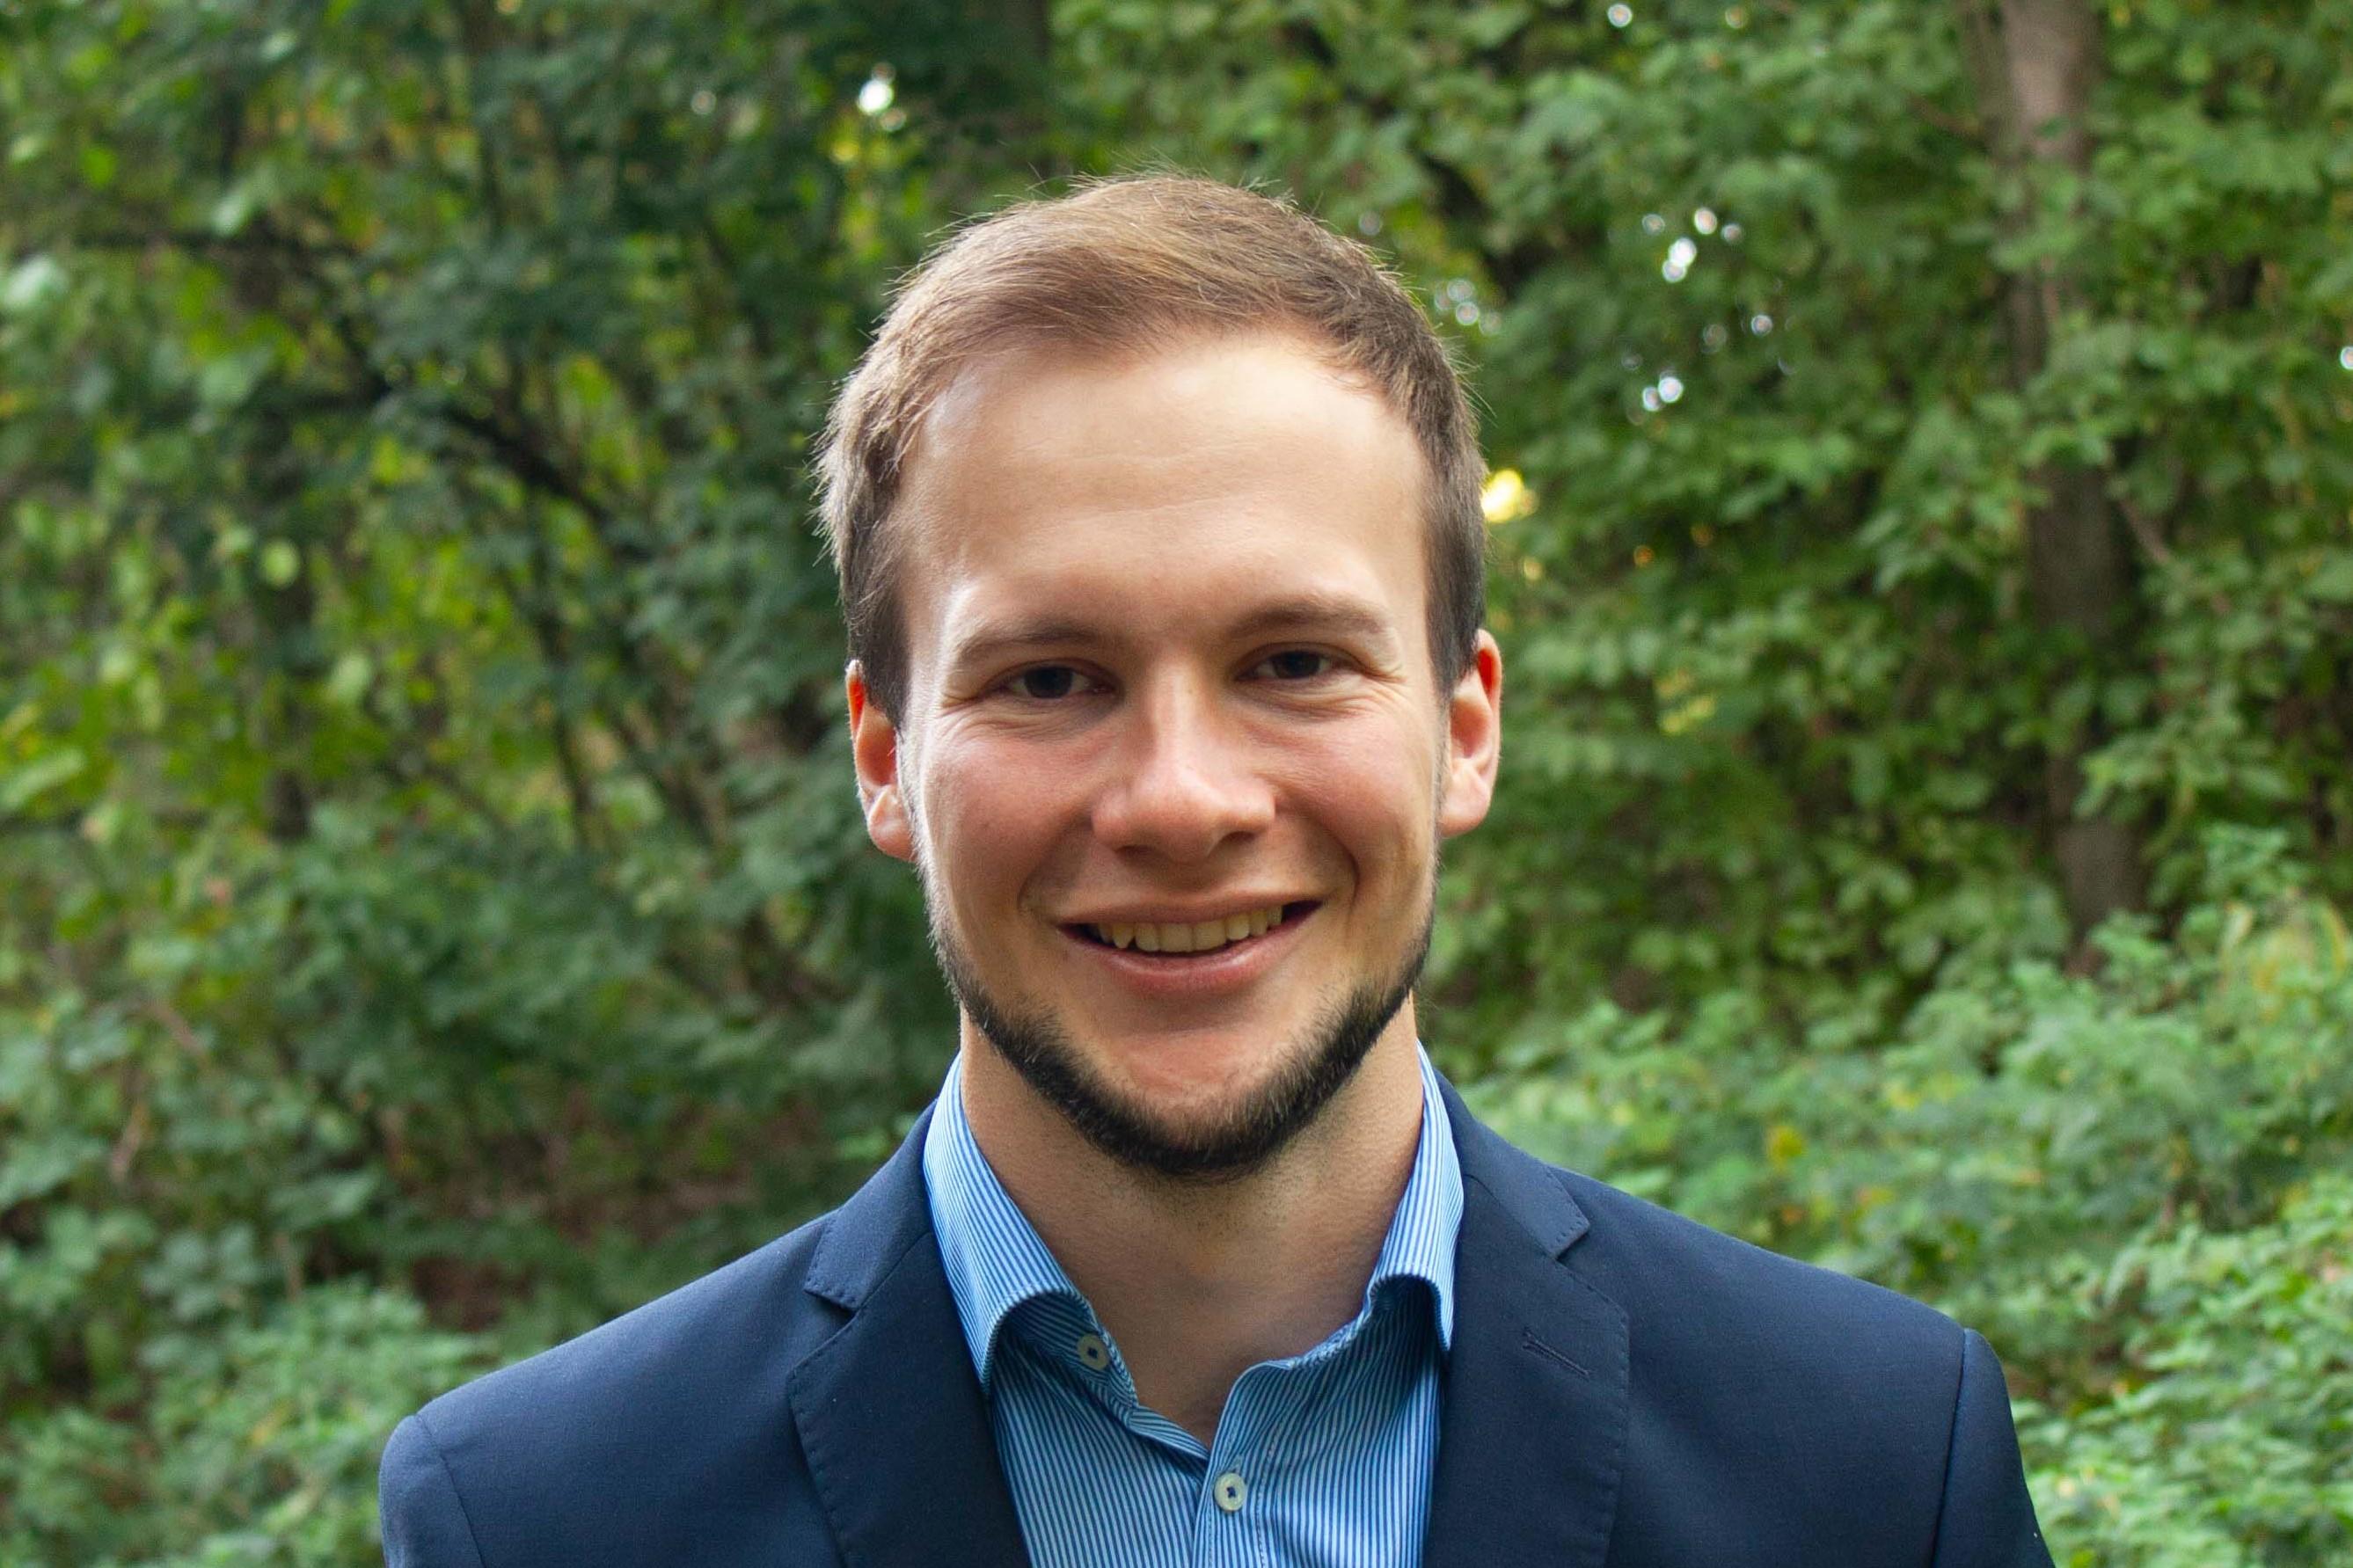 Pascal Wolff (M. Sc.)